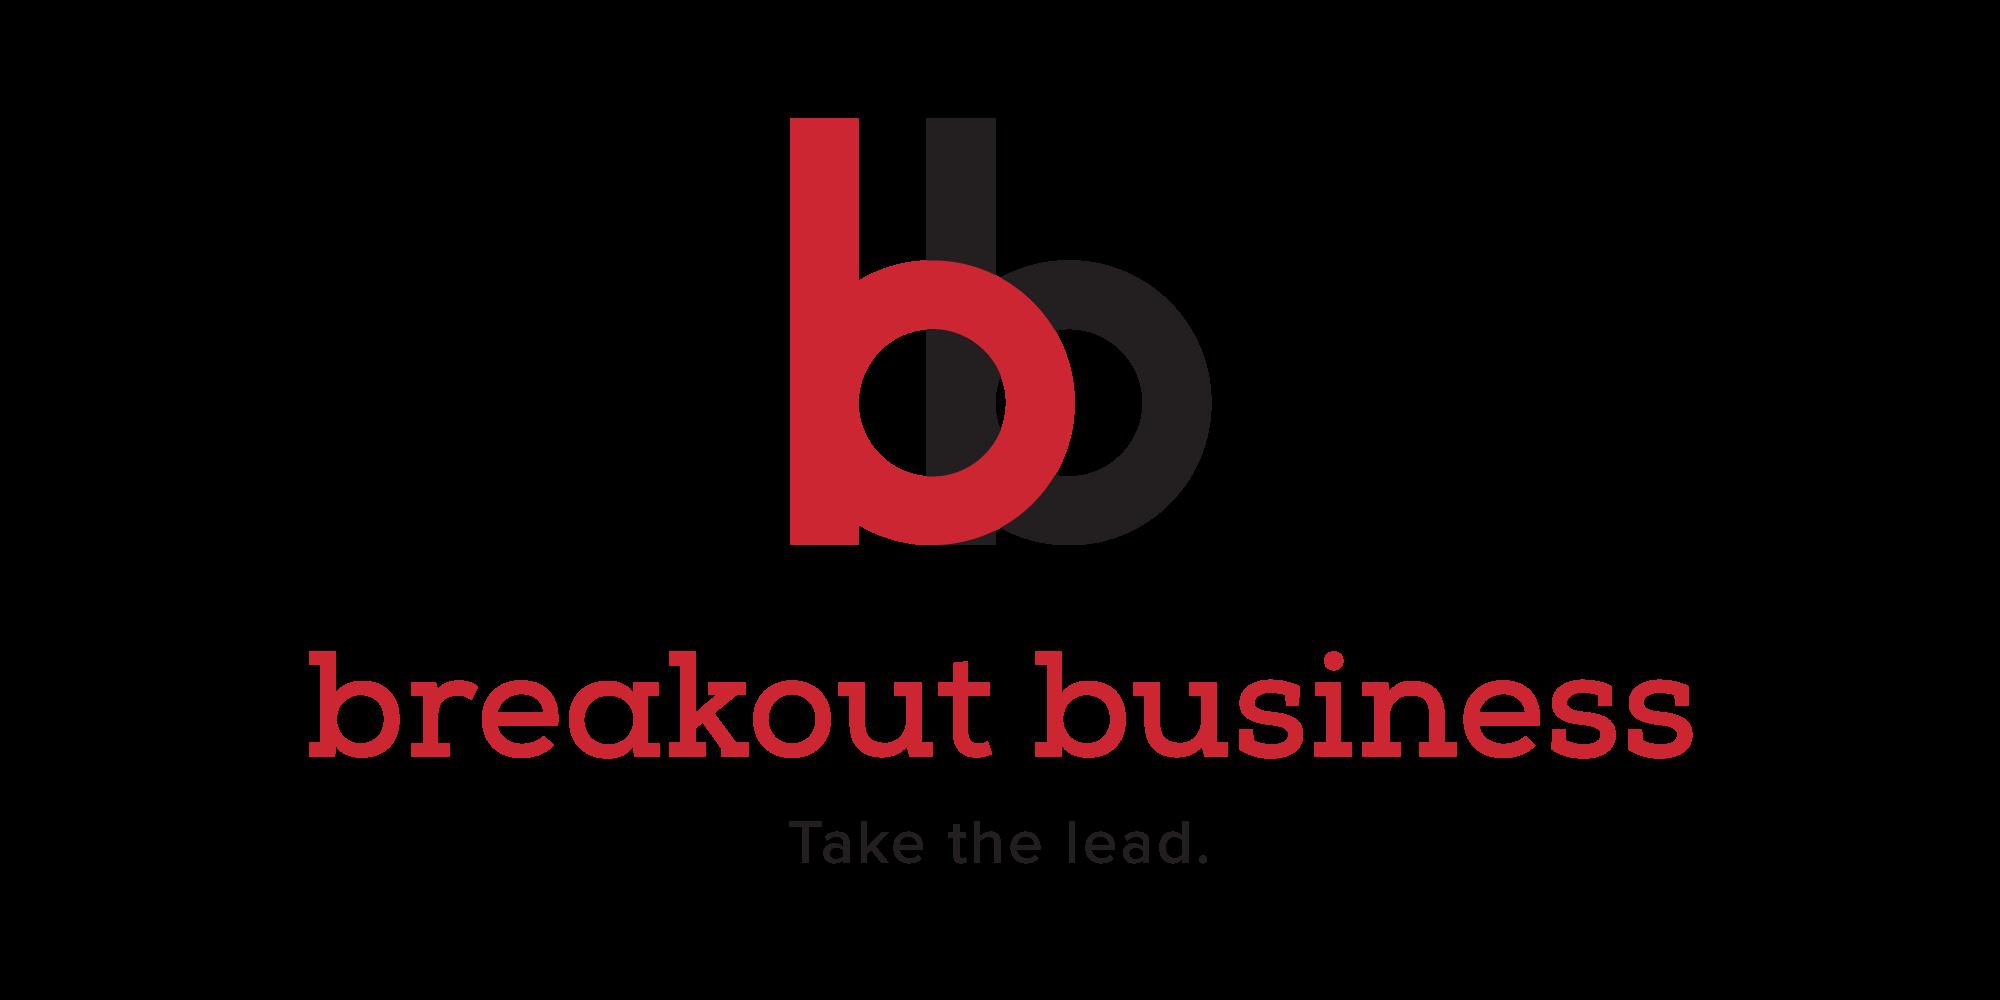 w ww.breakoutbusiness.com